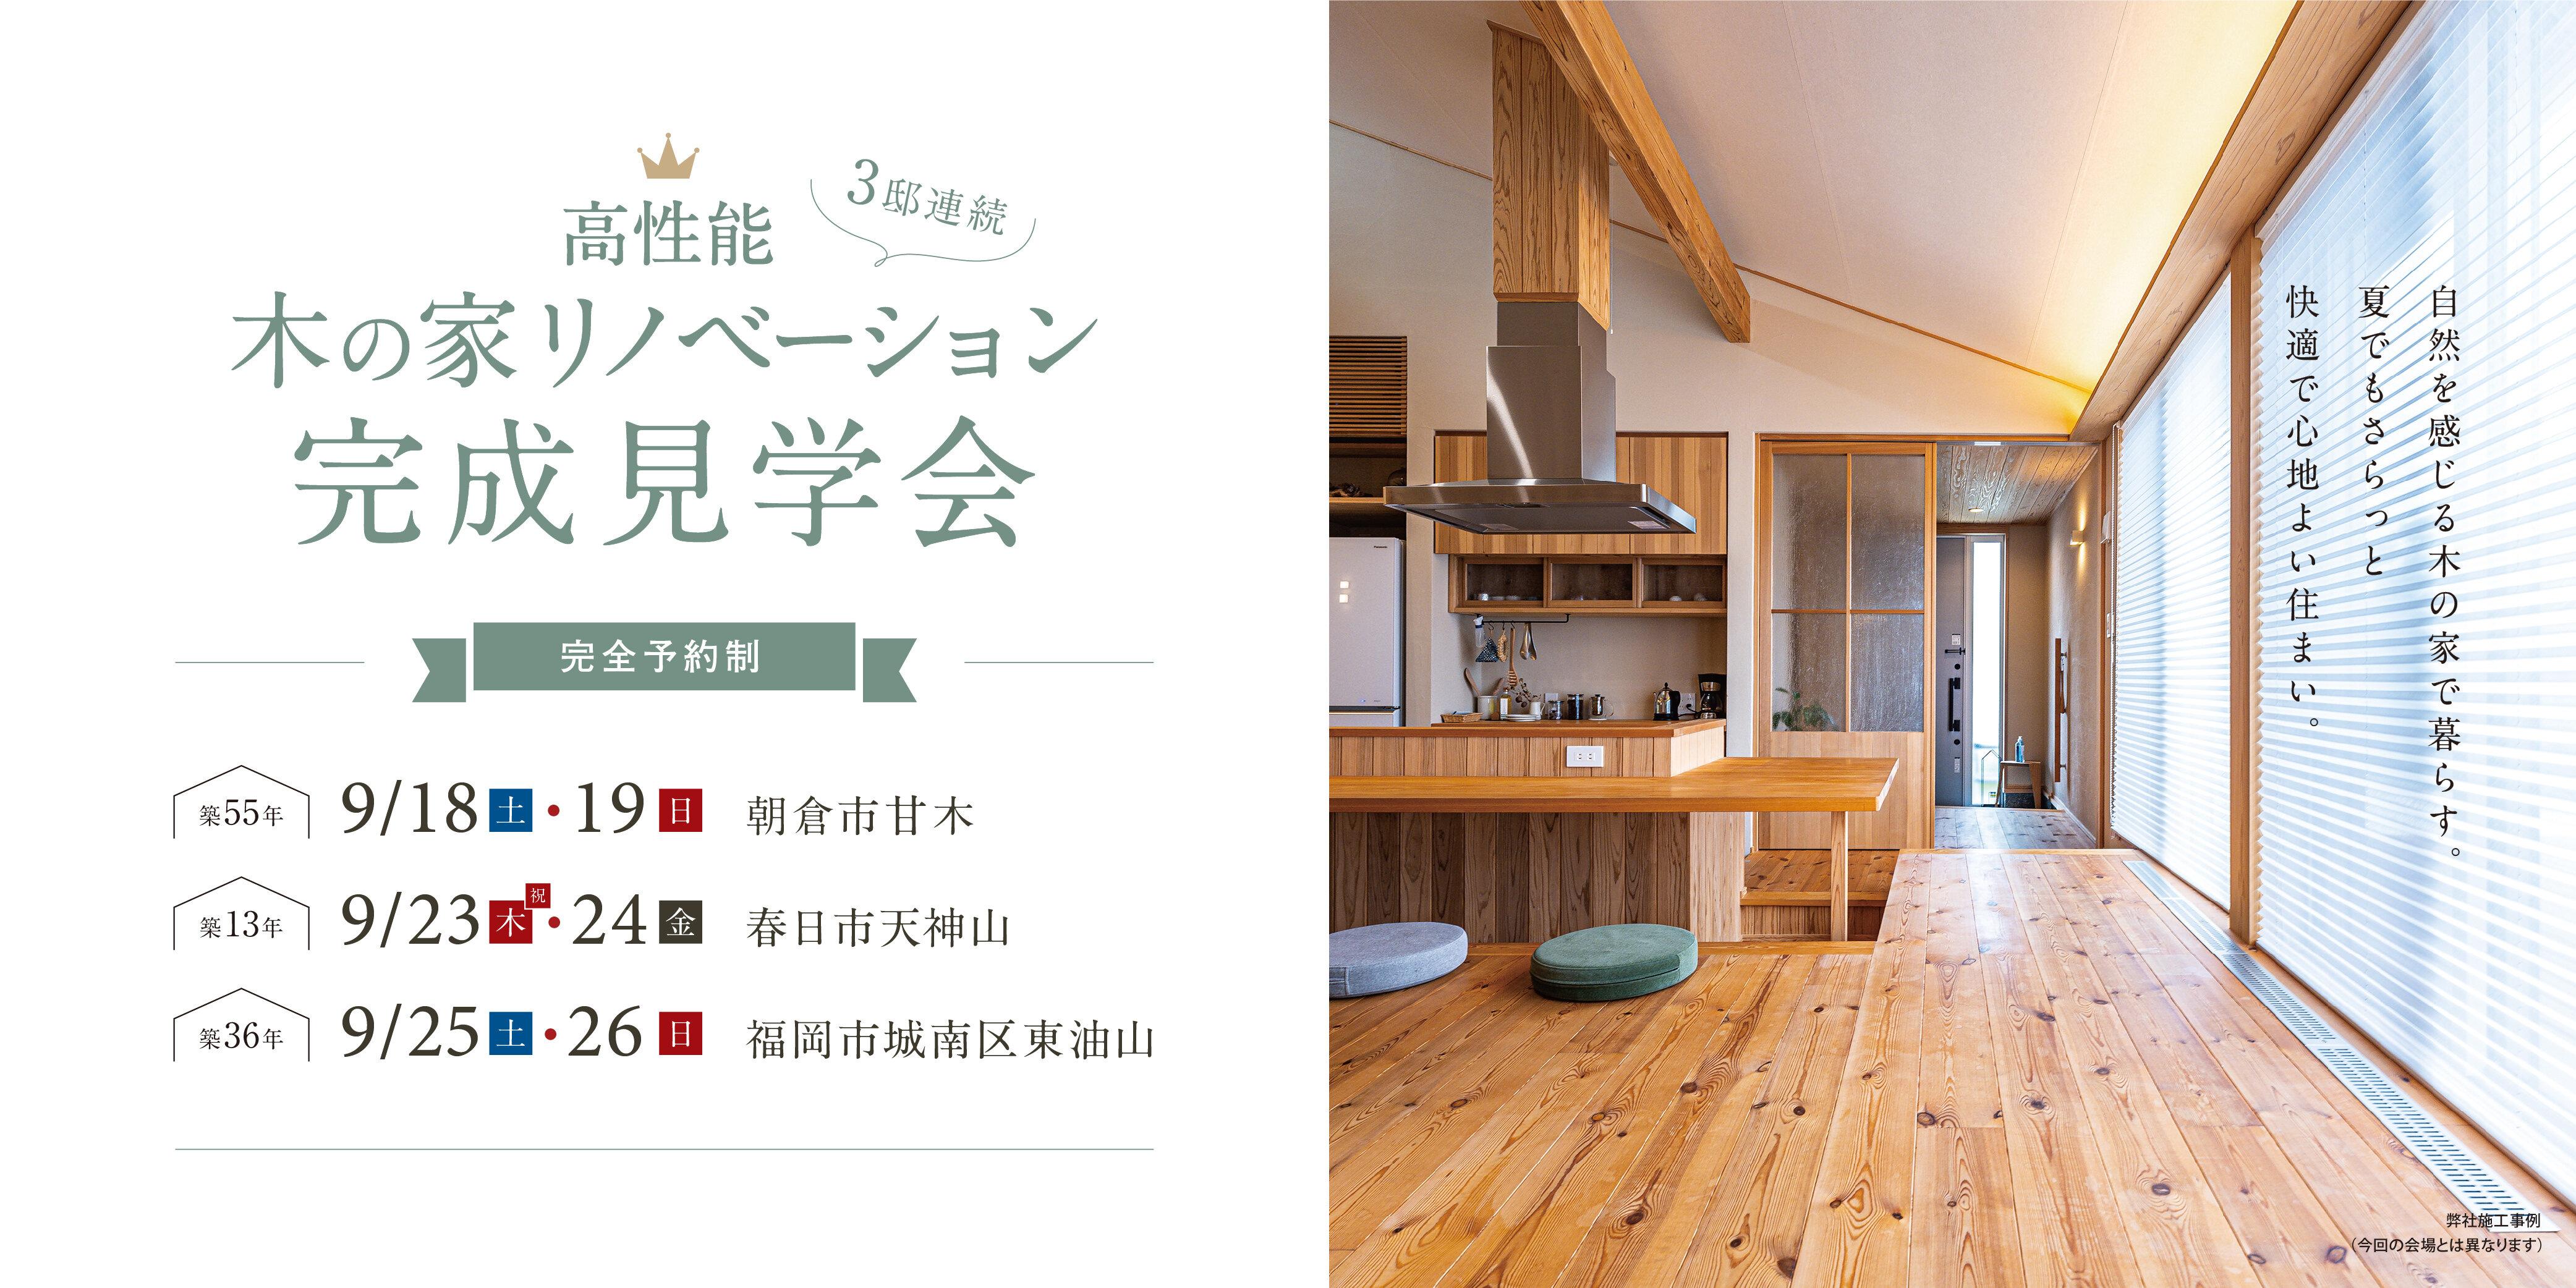 福岡イベントスライド画像